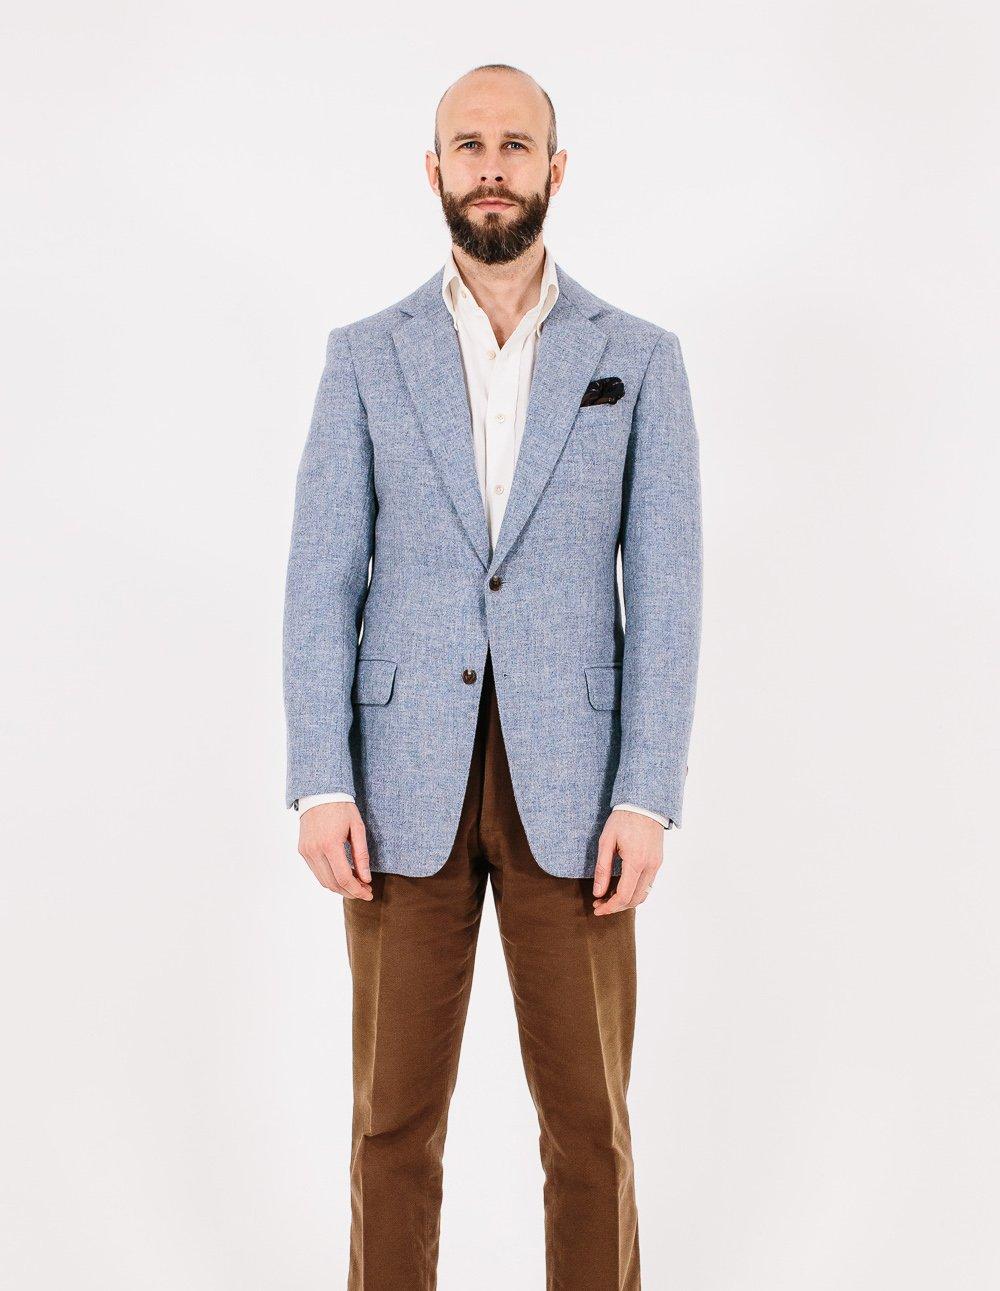 uudet tarjoukset online jälleenmyyjä miten ostaa Steven Hitchcock tweed jacket: Style Breakdown – Permanent Style